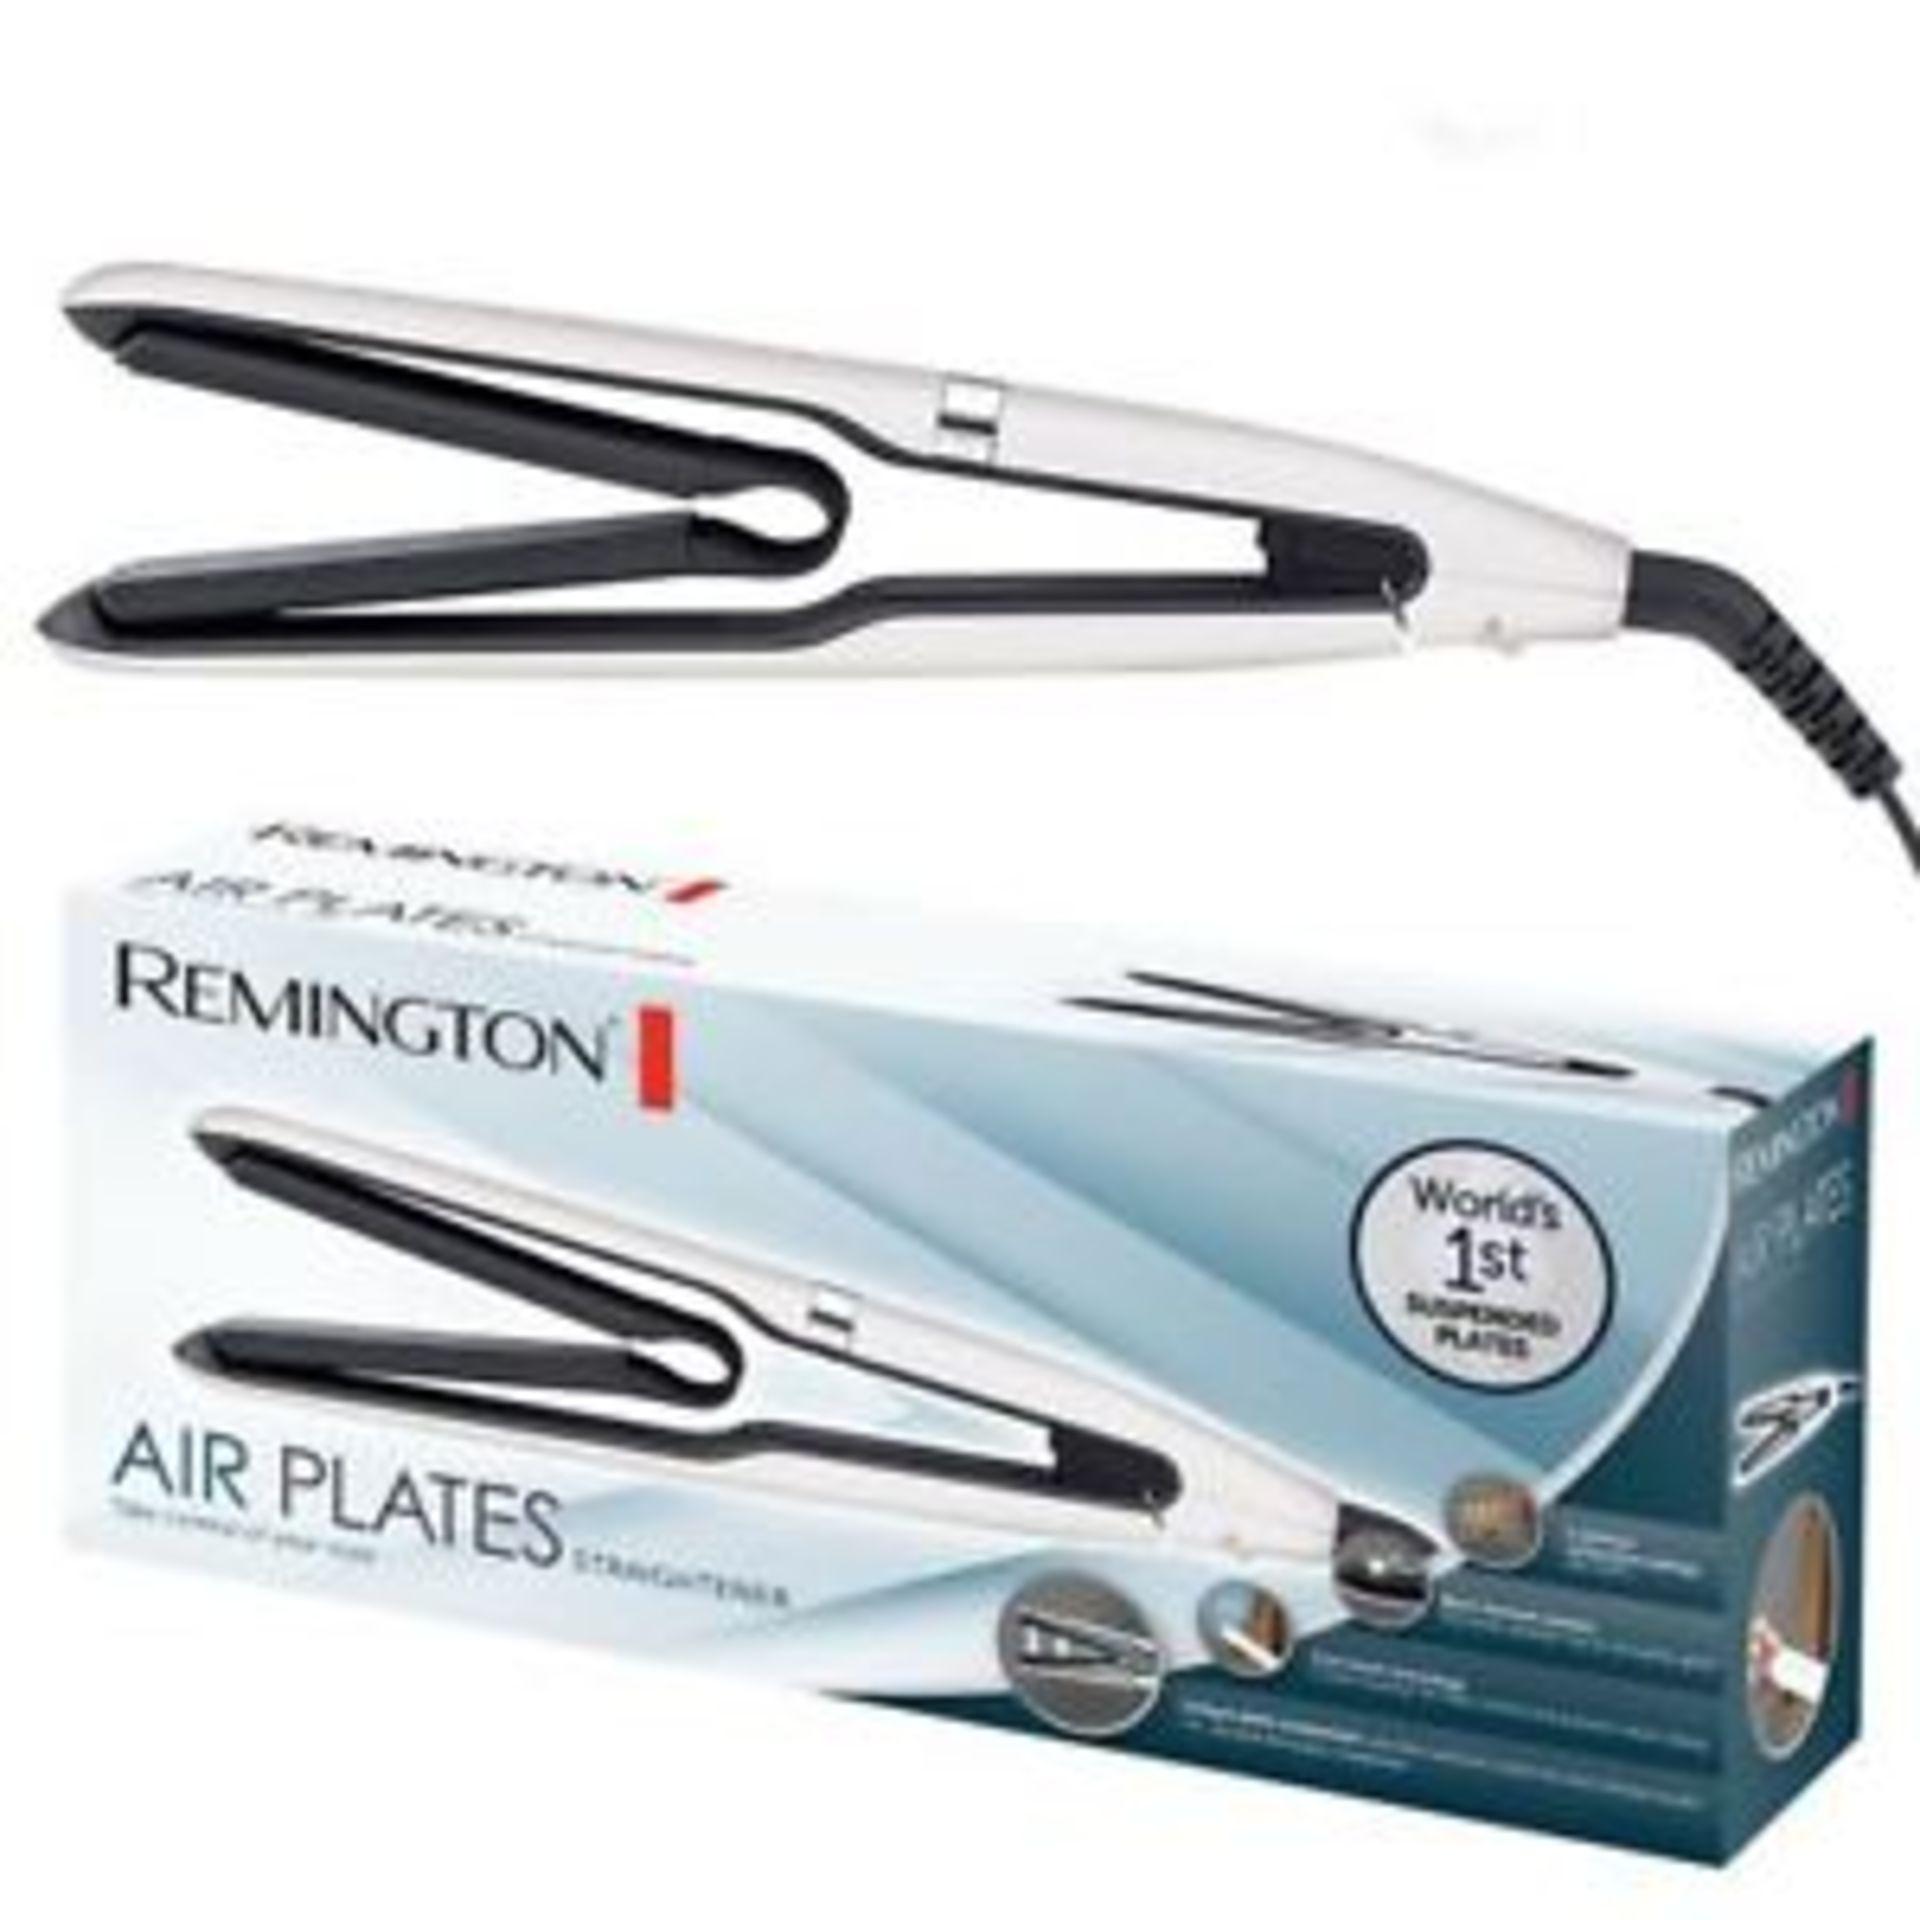 Lot 11900 - V Brand New Remington Air Plates Straightener - Argos Price £79.99 - 5 Optimum Temperature